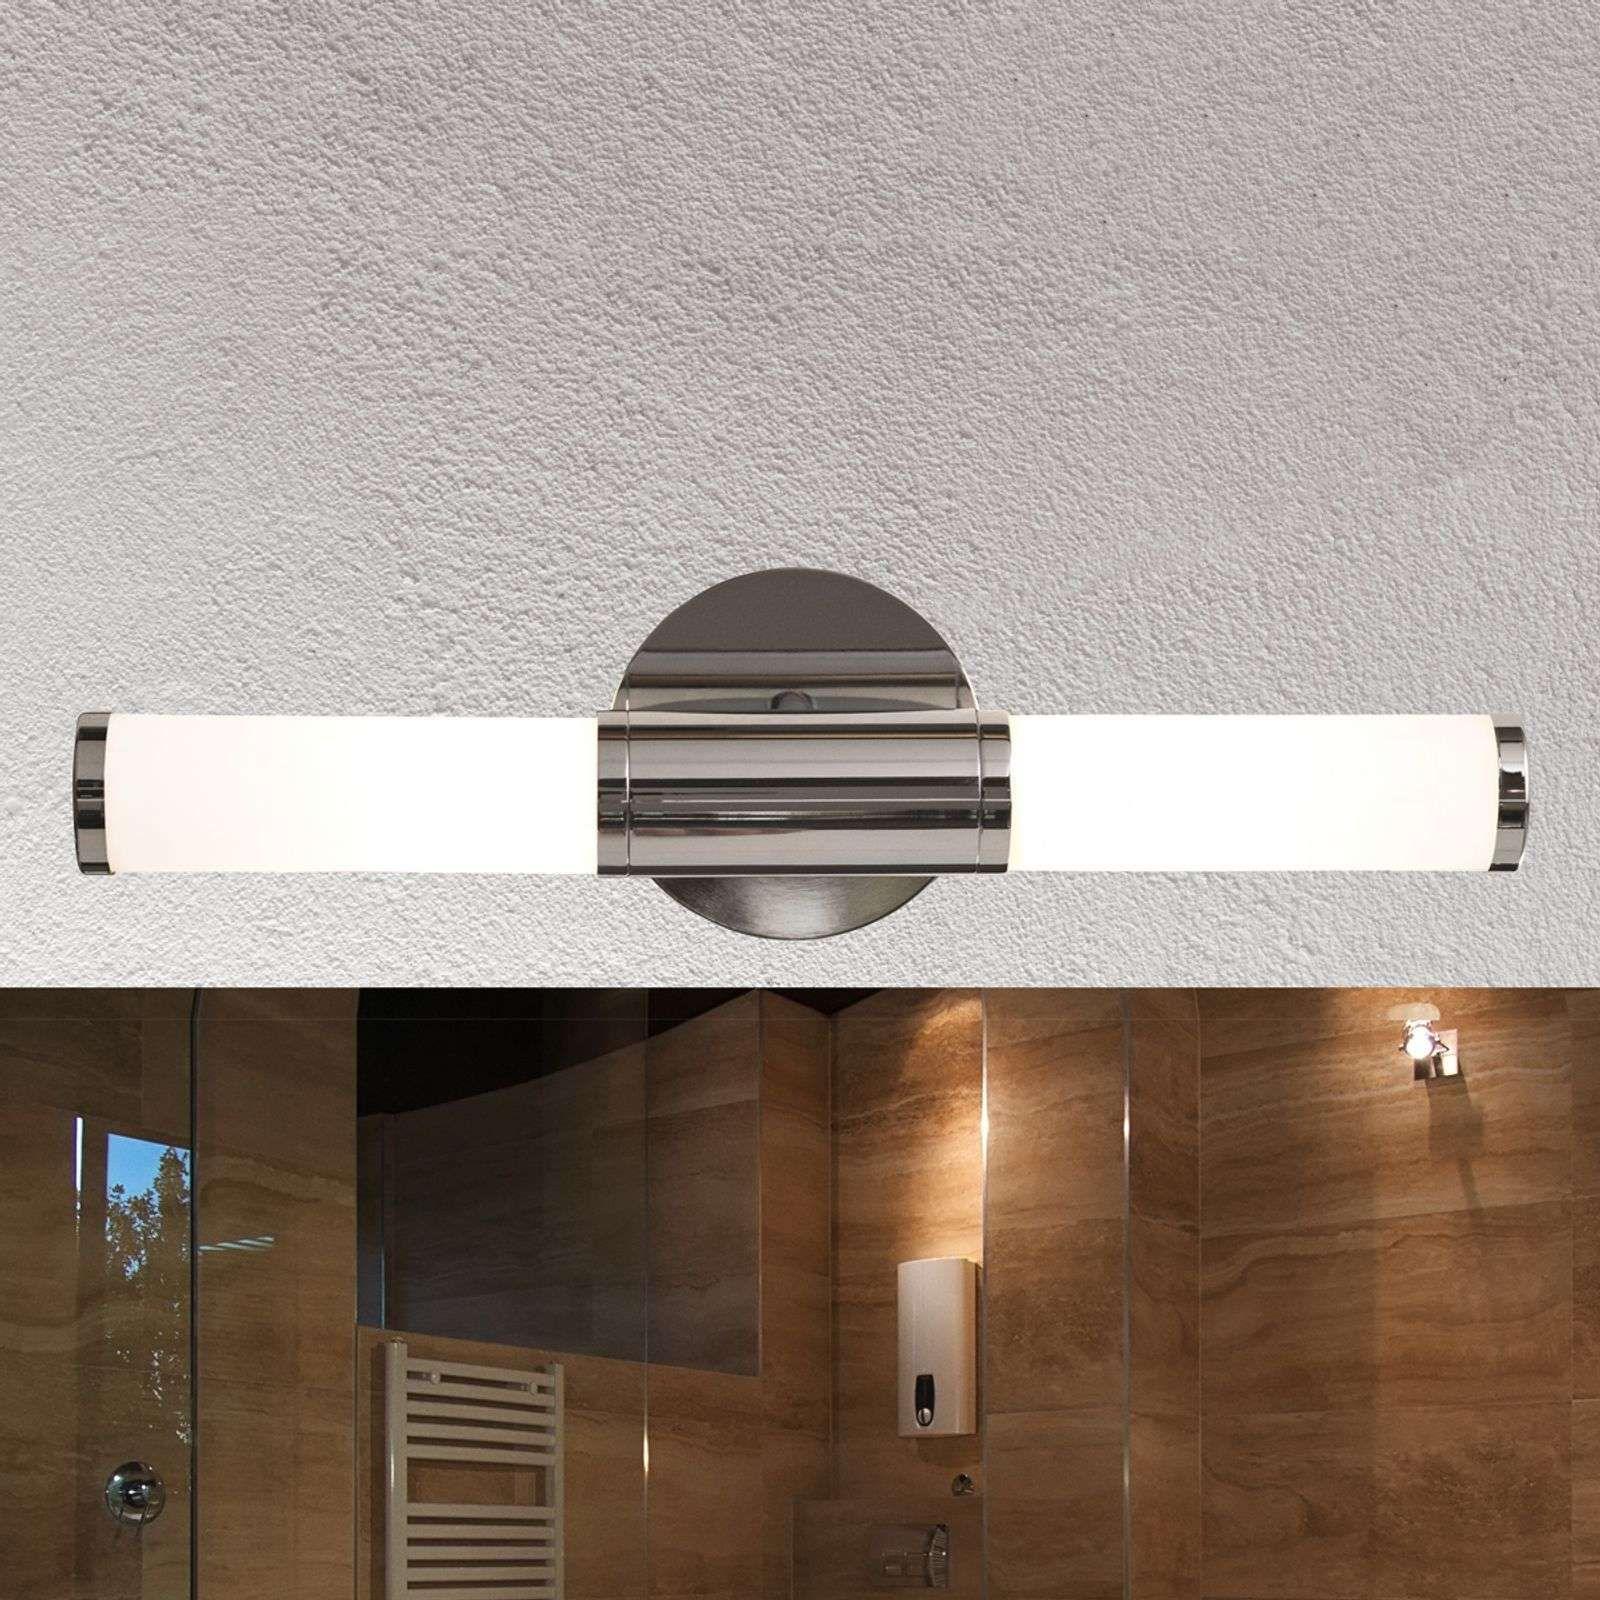 Wandleuchte Palmo 2 Flammig Chrom Wandleuchte Badezimmerspiegel Wandlampe